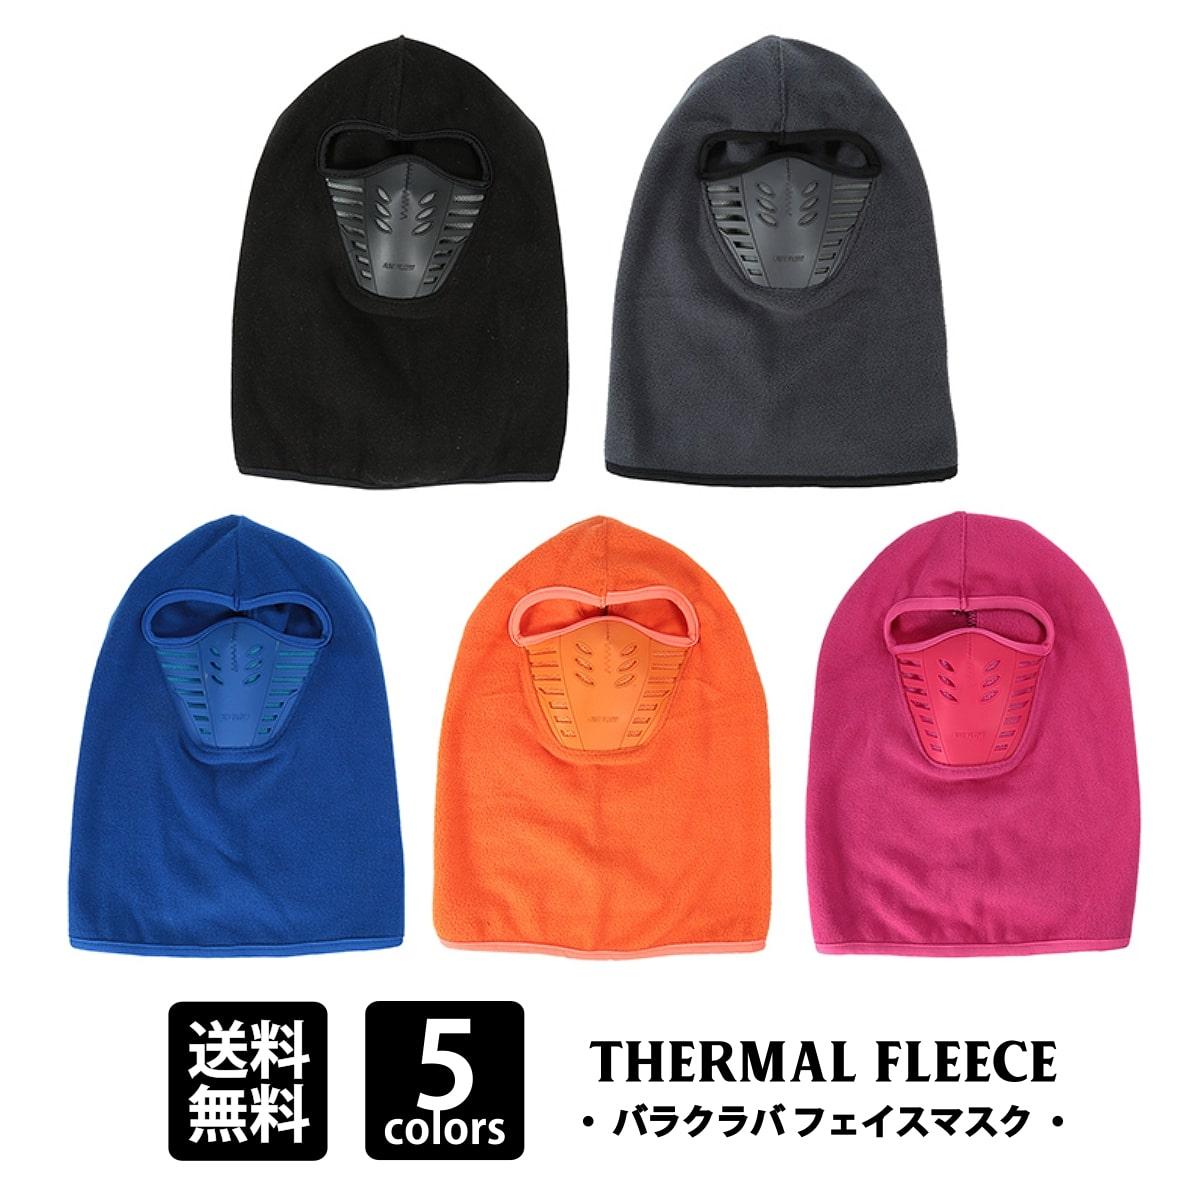 【送料無料!】暖かいフルフェイスカバーマスク! 防寒・防風・防塵に! [Thermal Fleece Balaclava Face Mask] サーマル・フリース・バラクラバ・フェイスマスク! カラー5色! 目出し帽 ウィンタースポーツ スキーマスク バイク 自転車 サバゲーに!